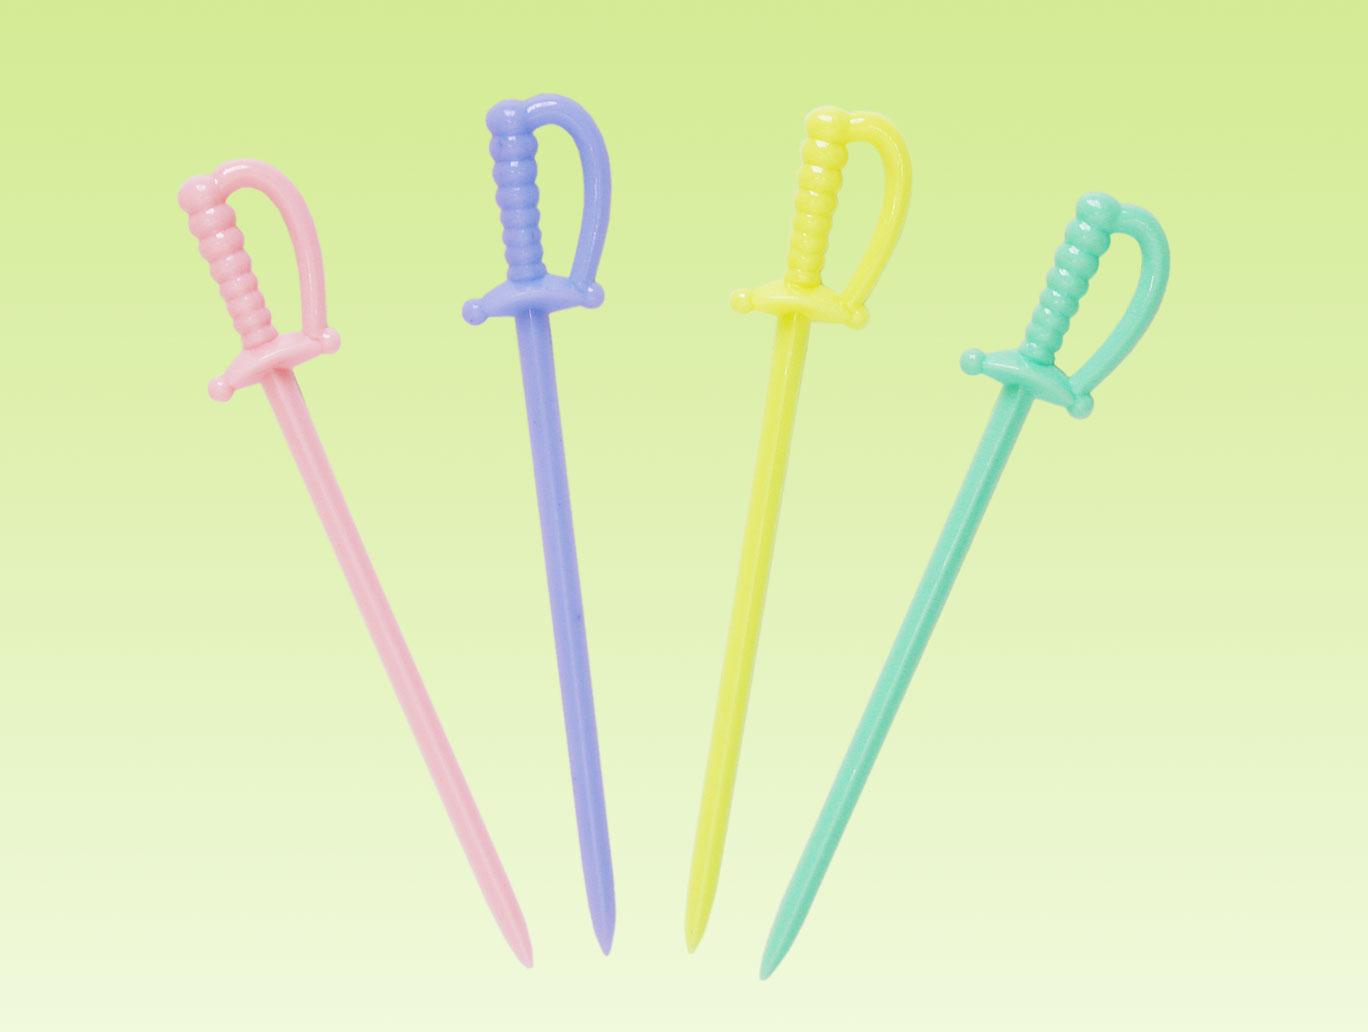 水果叉、水果針 D~5B08 劍形果針 ~ 300pcs 包(4色)